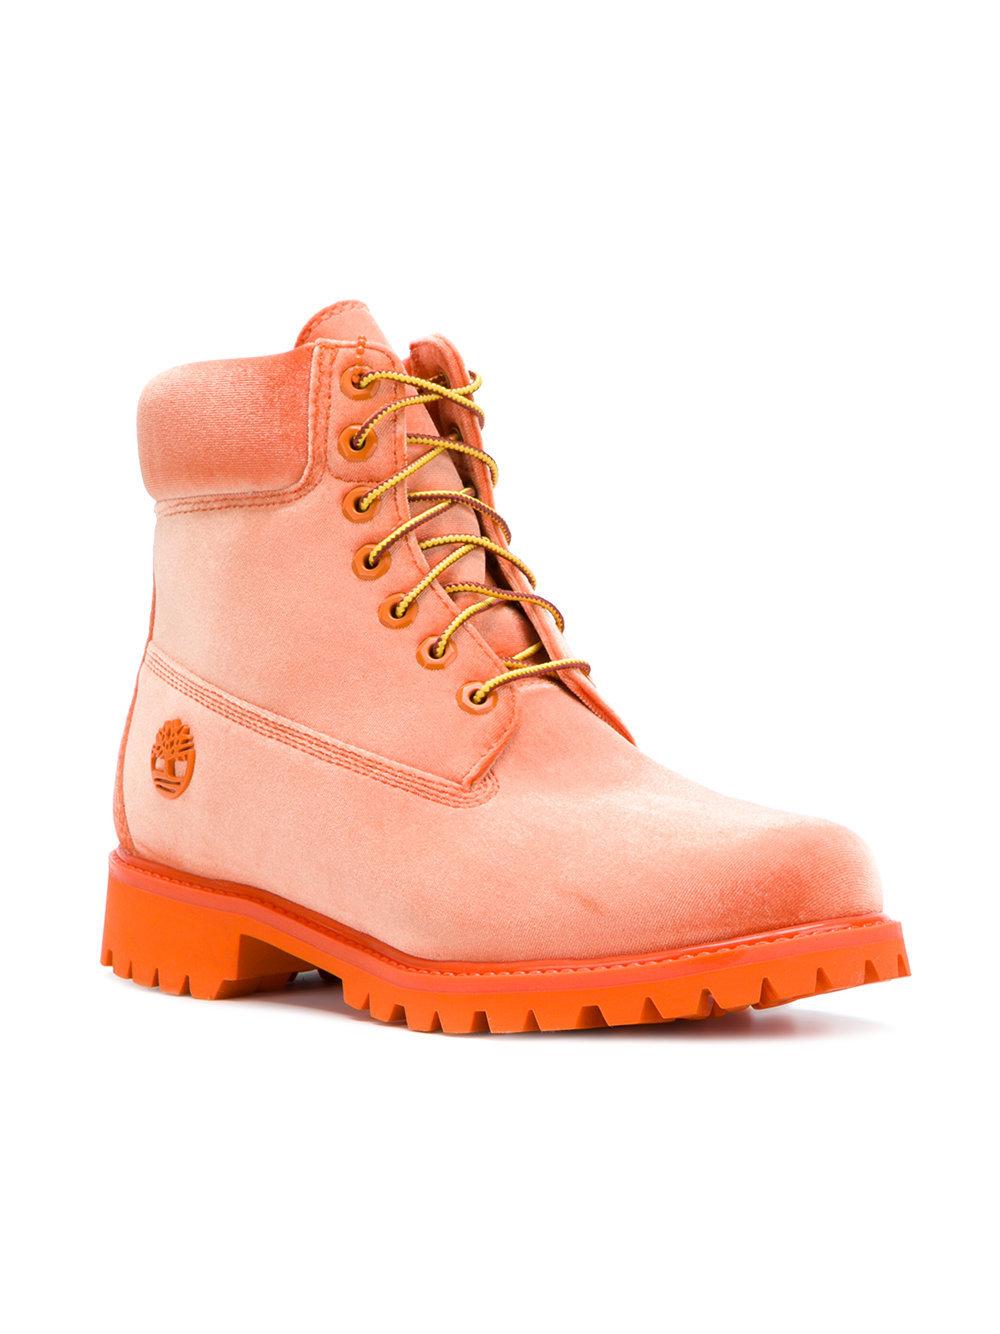 98d61685bec5 ... Off-White Velvet Timberland Boots ...